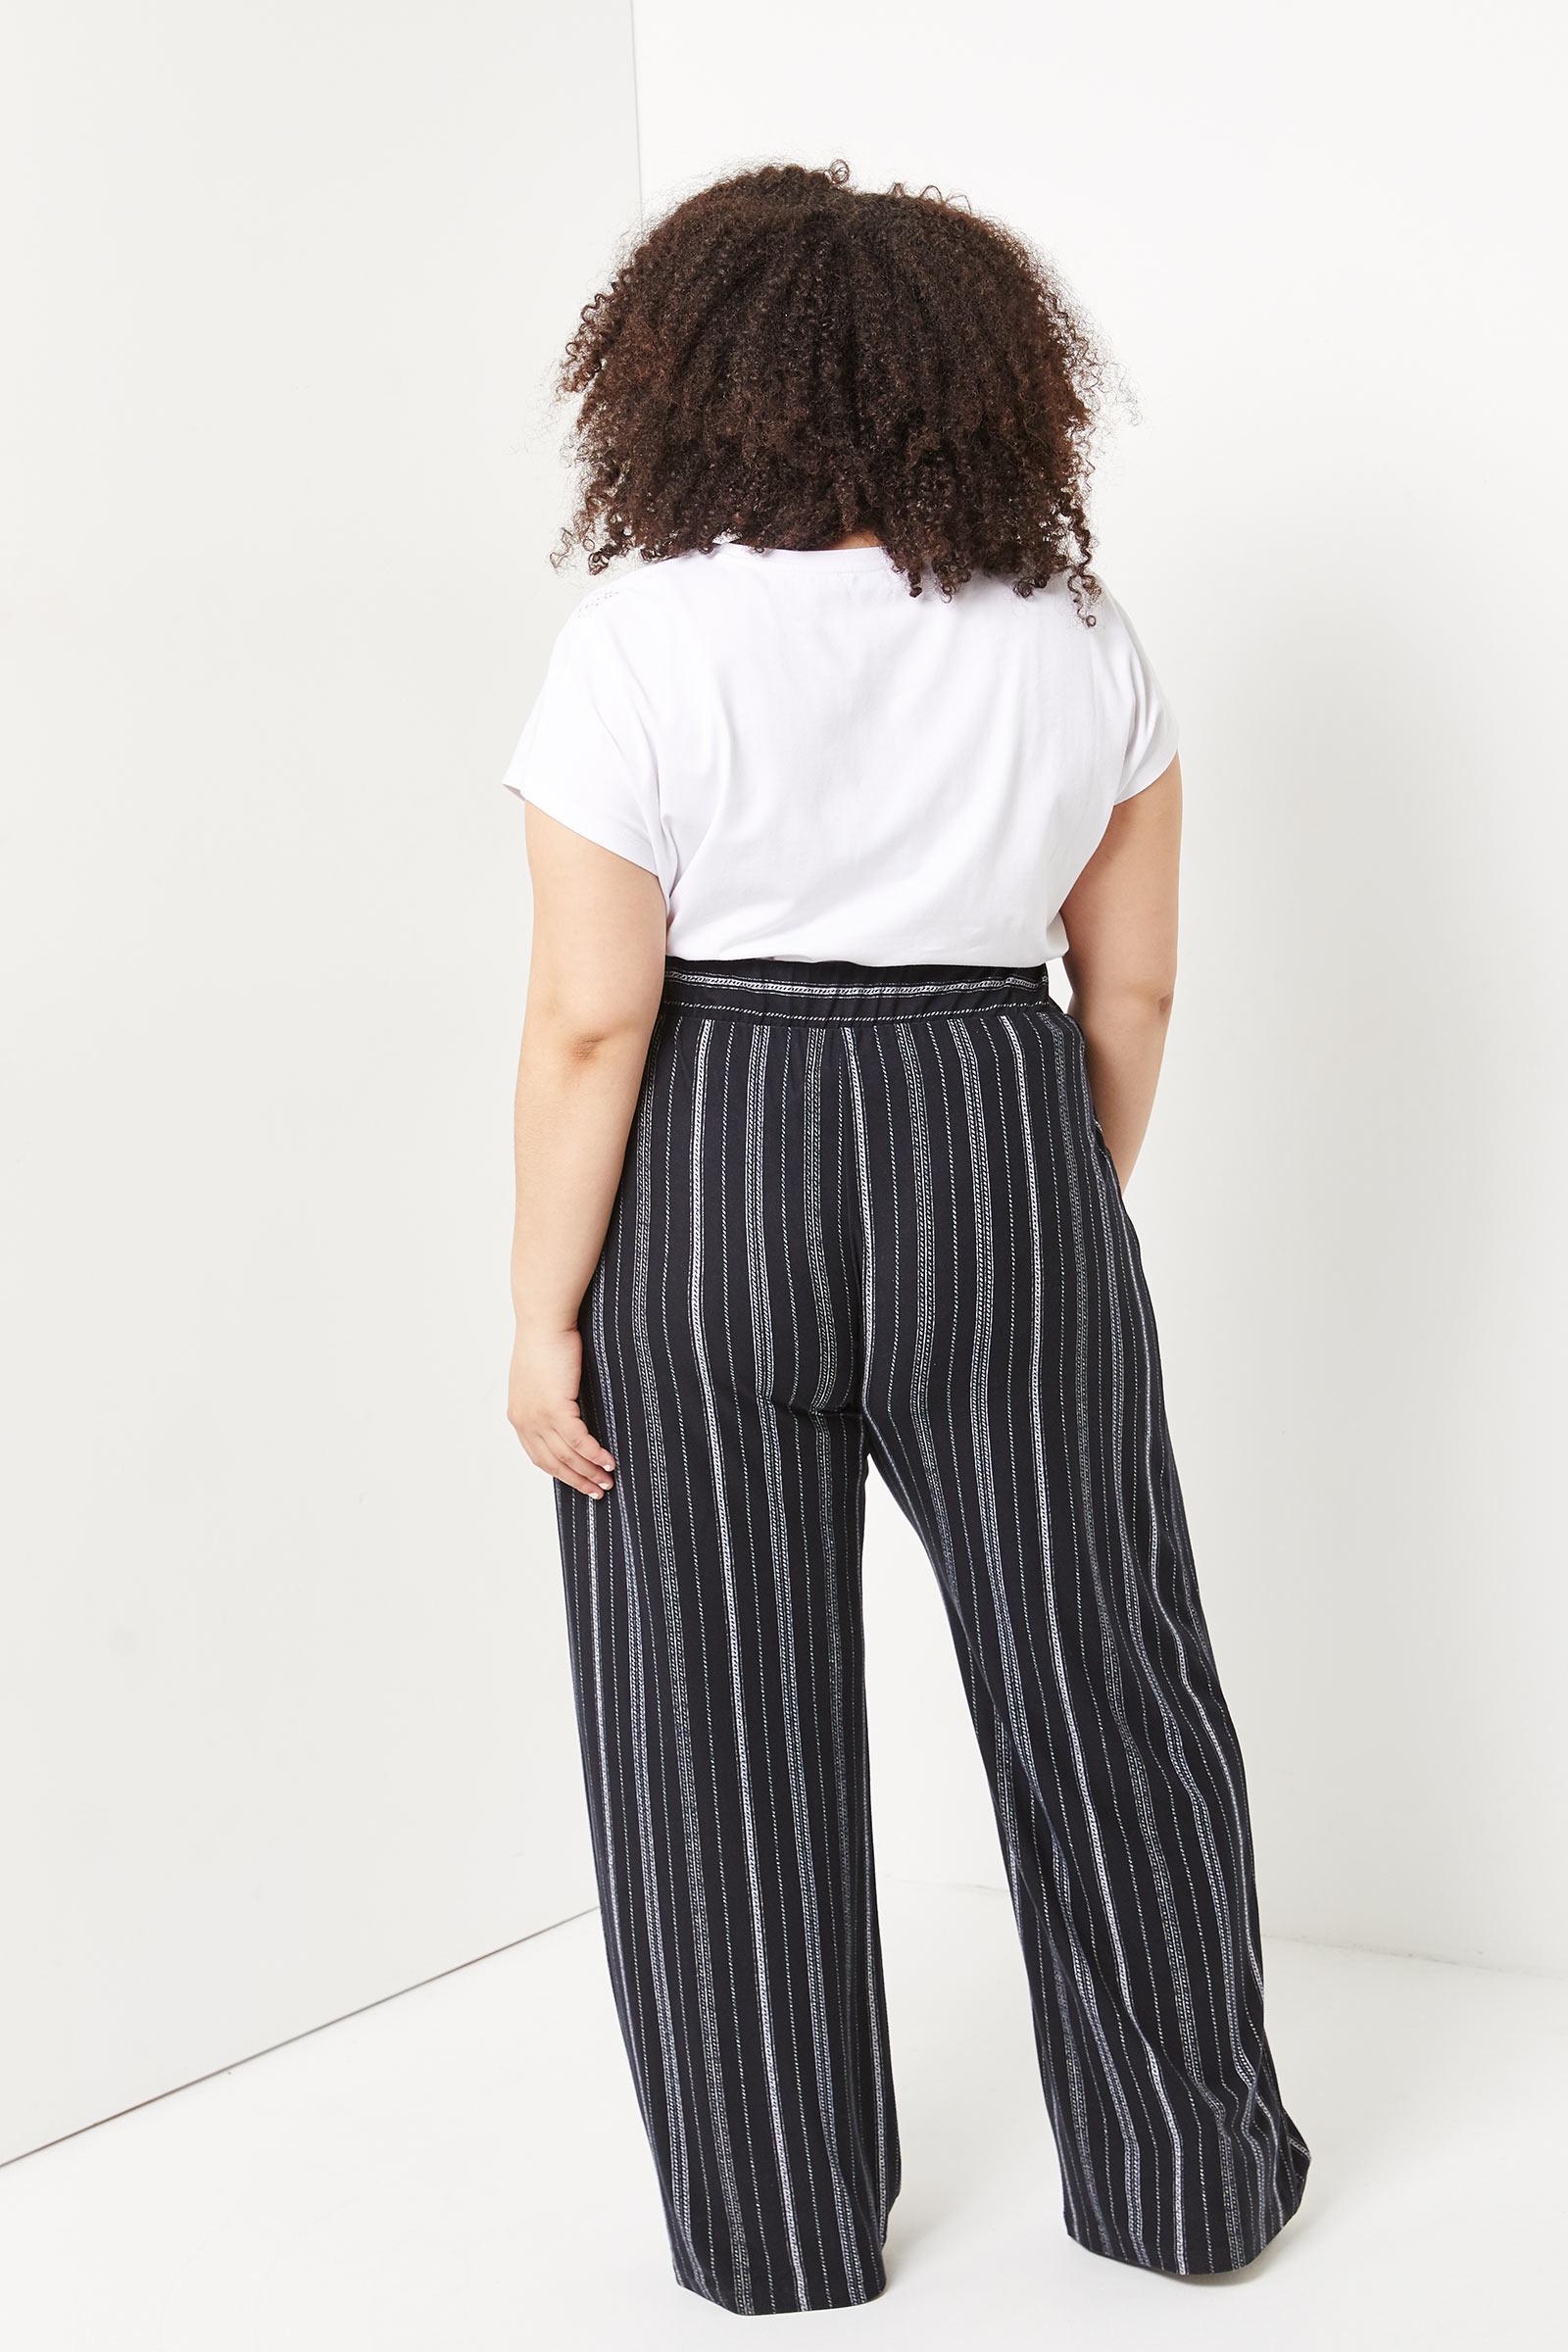 Plus Size Wide Leg Pants with Belt